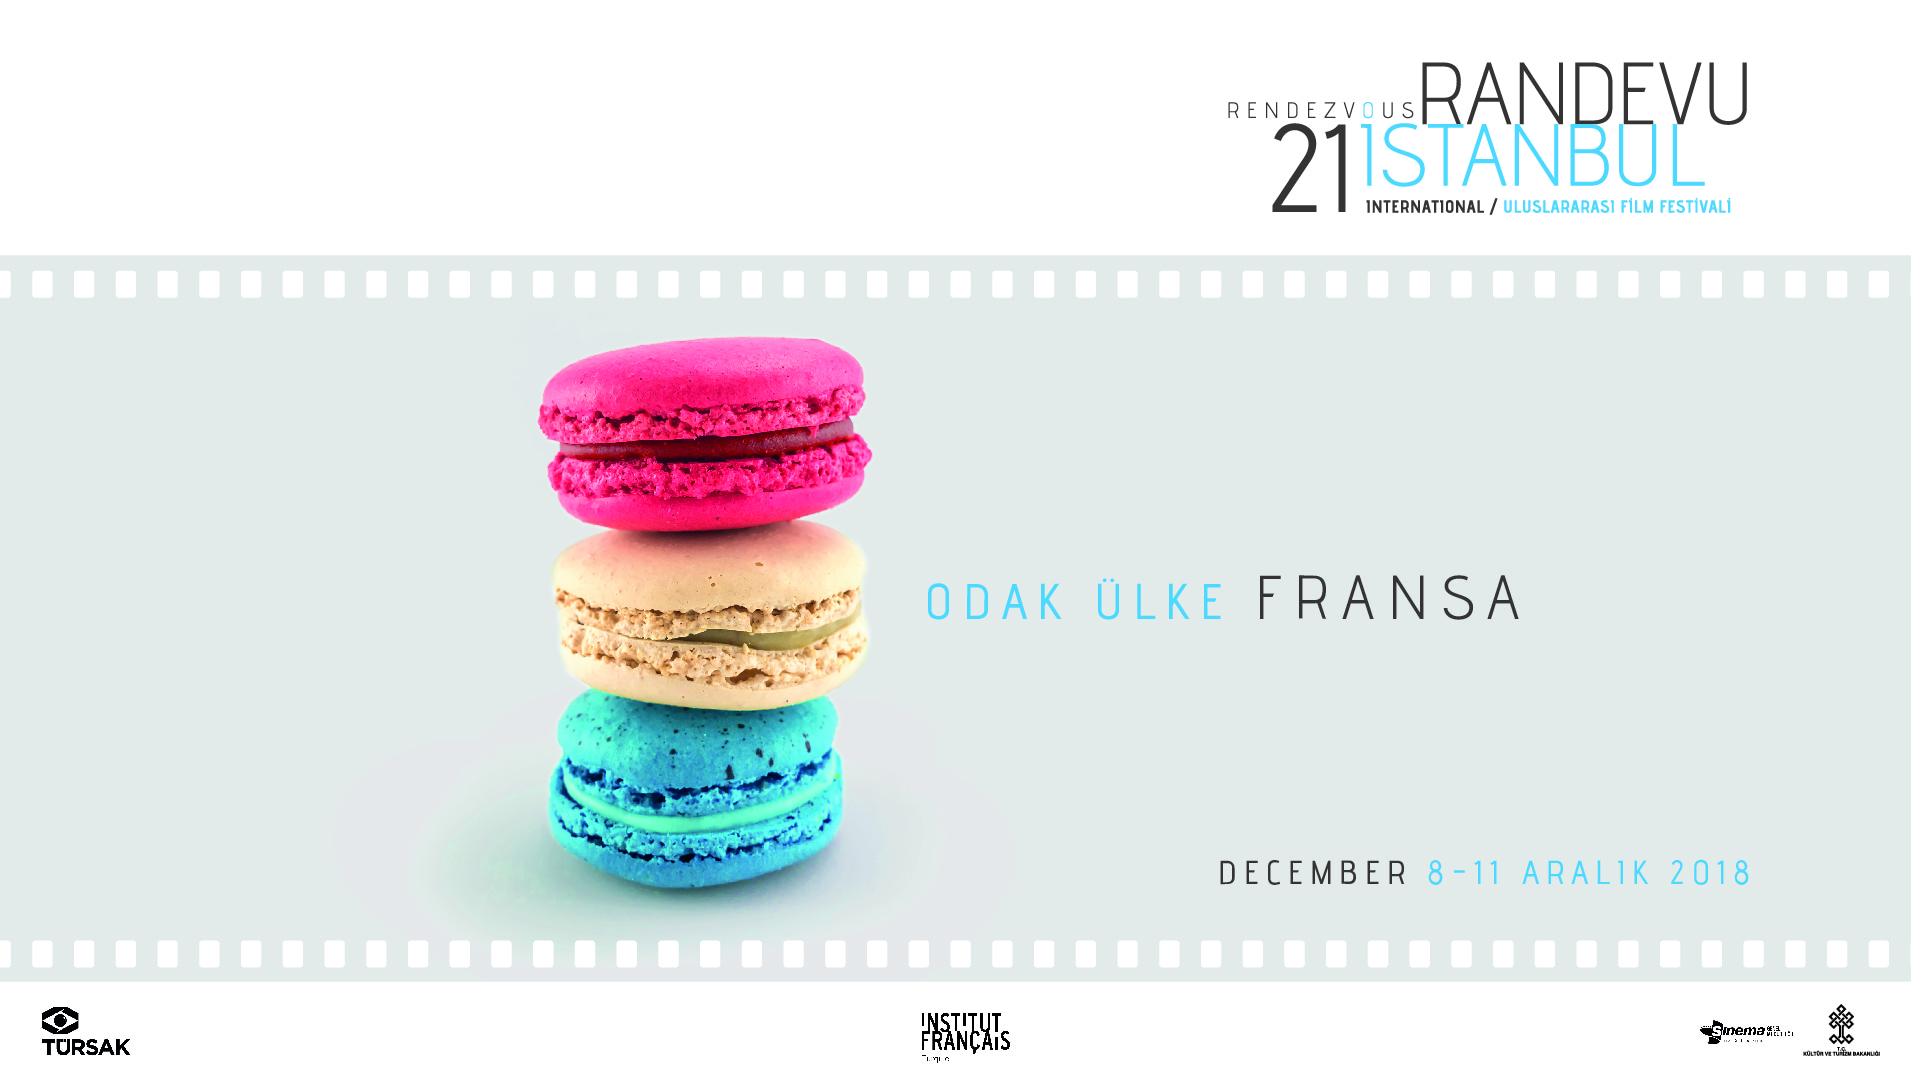 T.C. Kültür ve Turizm Bakanlığı destekleriyle Türkiye Sinema ve Audiovisuel Kültür Vakfı (TÜRSAK )tarafından gerçekleştirilen 21. Randevu İstanbul Uluslararası FilmFestivali'nin 8 Aralık Cumartesi başlıyor.